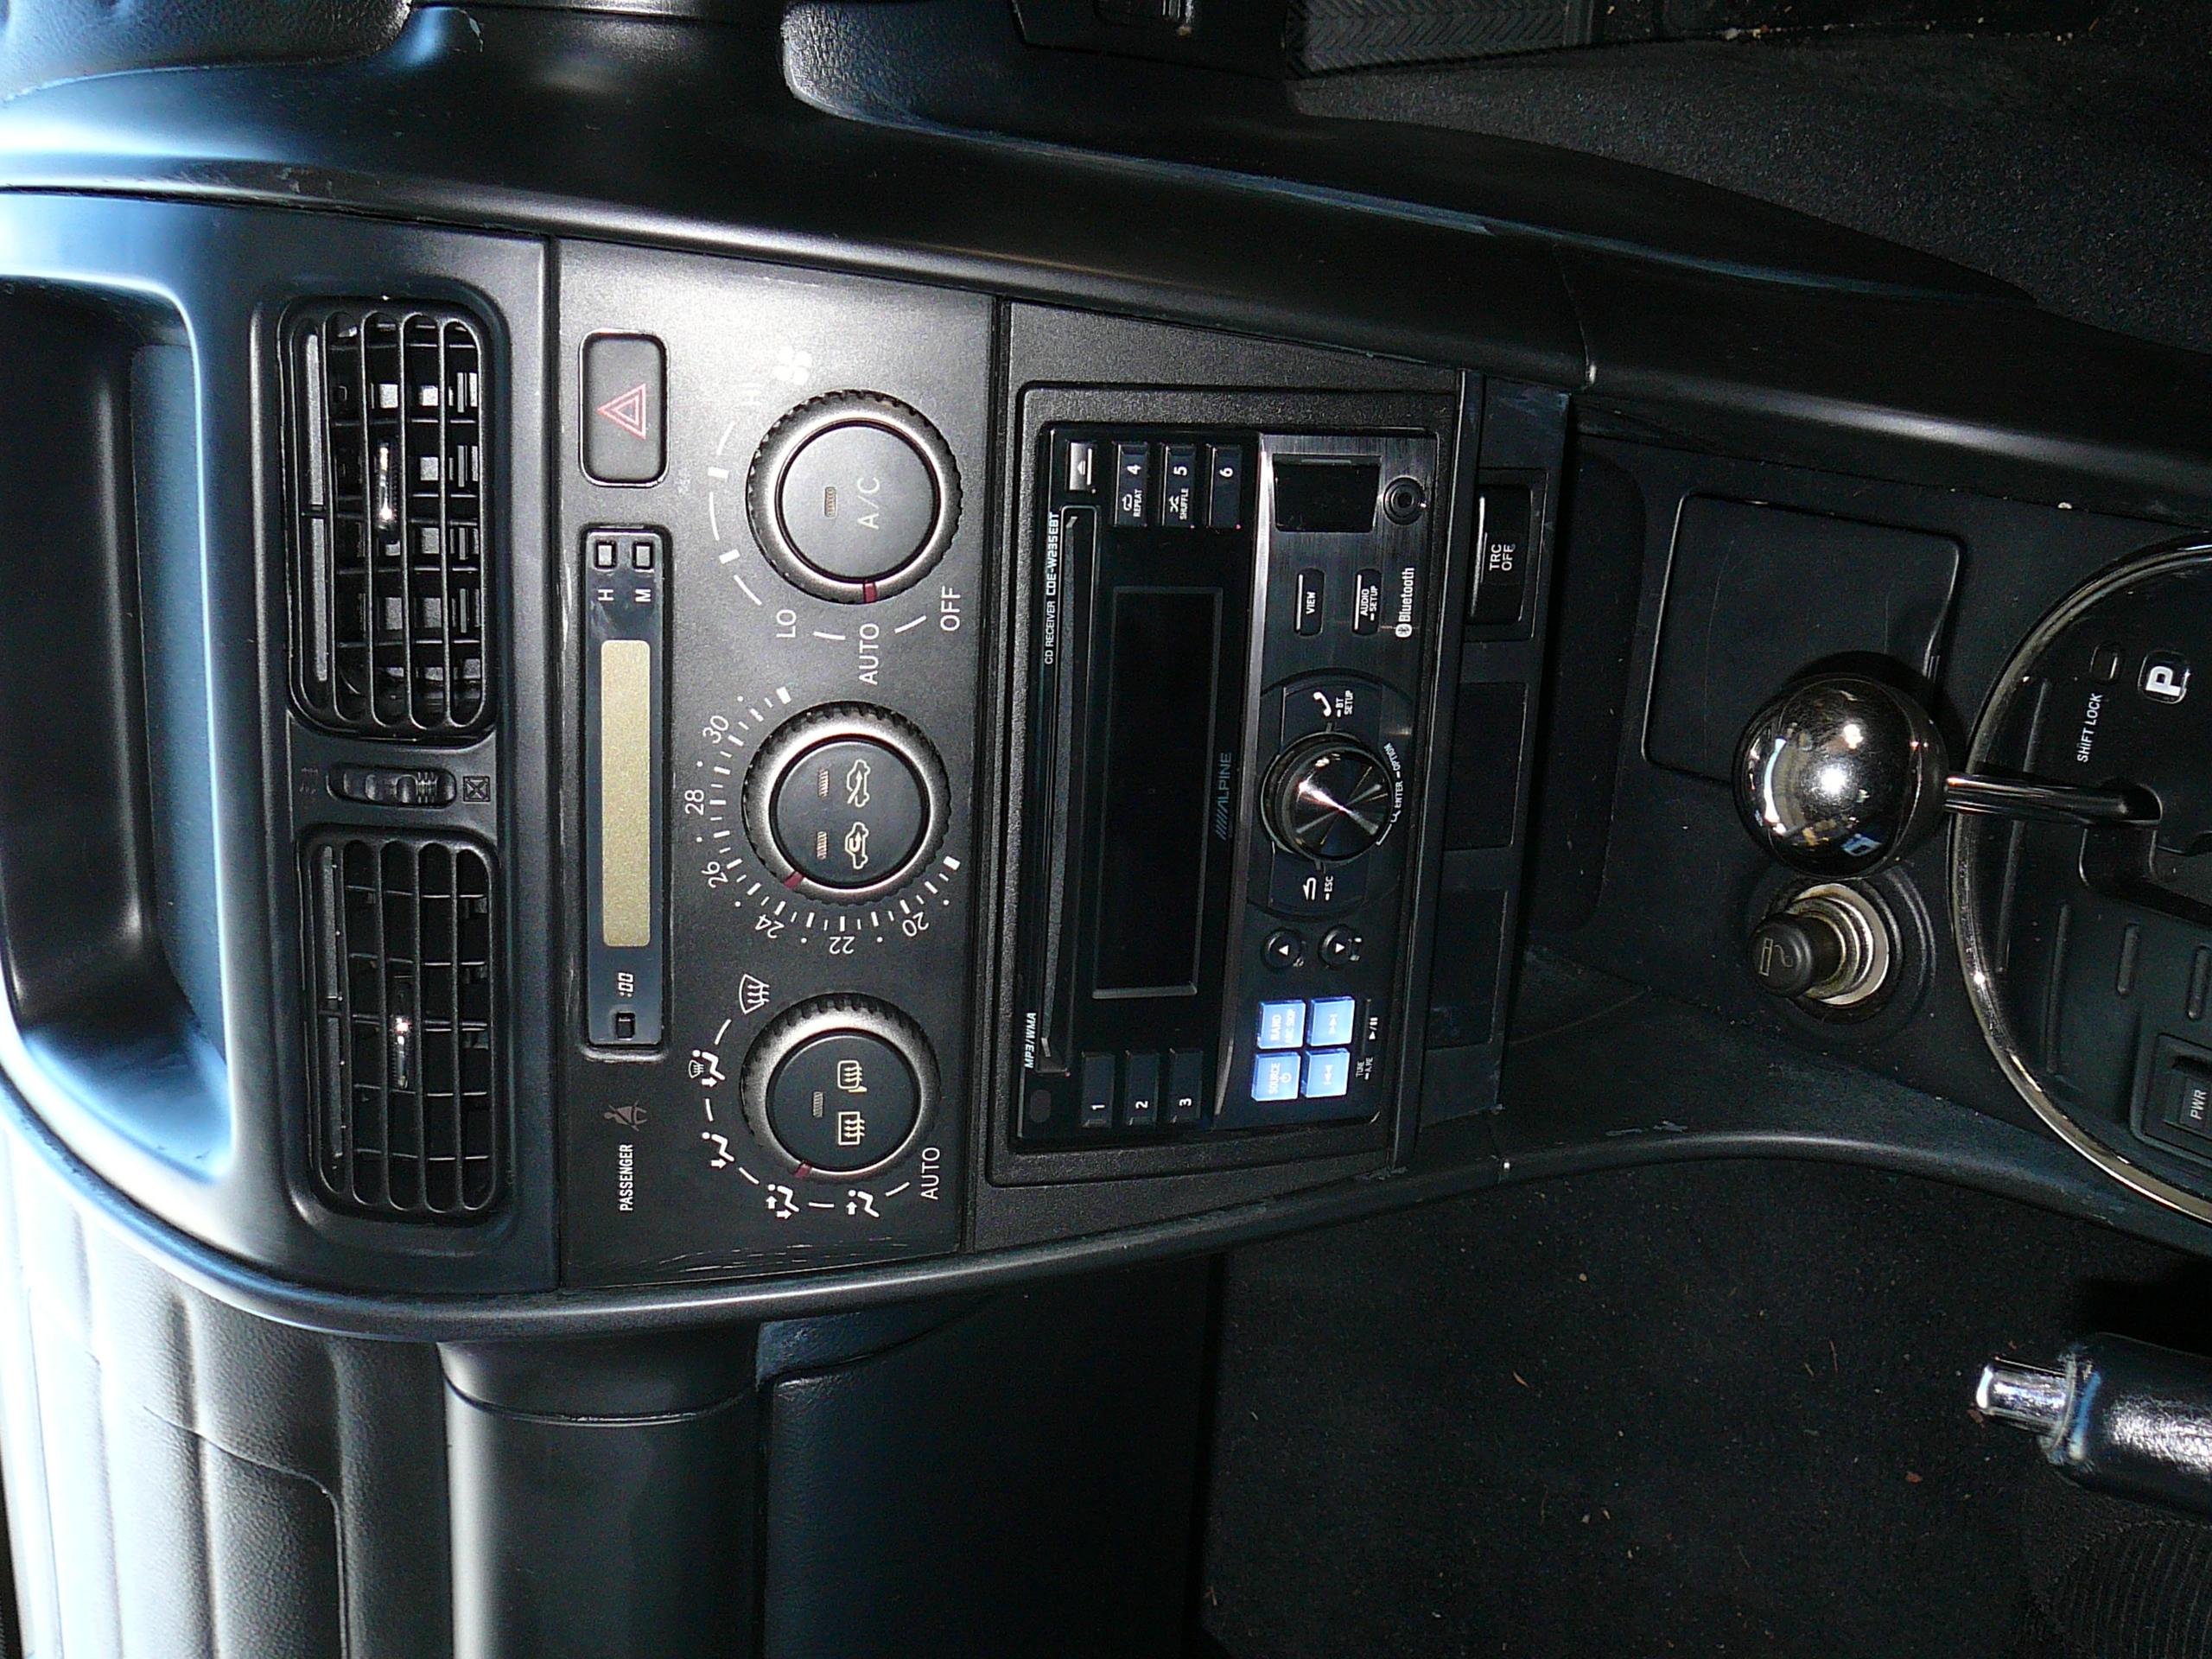 2002 lexus is200 gearbox